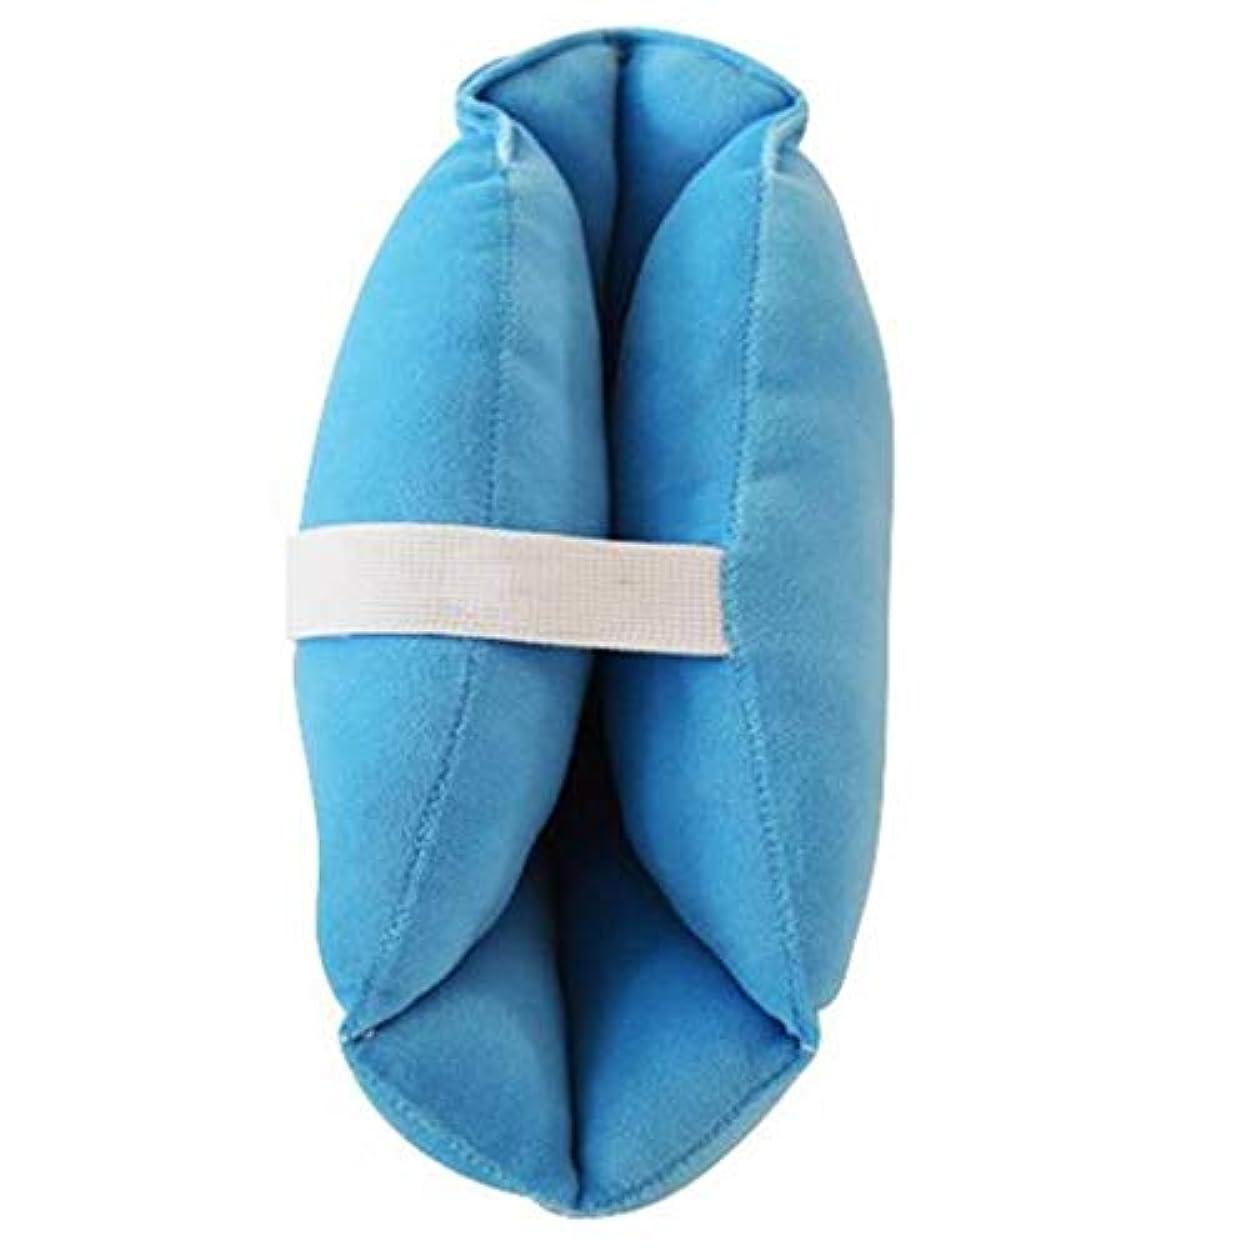 受益者ワイプ注釈ソフトで快適なヒールプロテクター枕、ヒールフローティングヒールプロテクター、,瘡のためのアキレス腱プロテクター、高齢者の足矯正カバー (Color : 1pair)